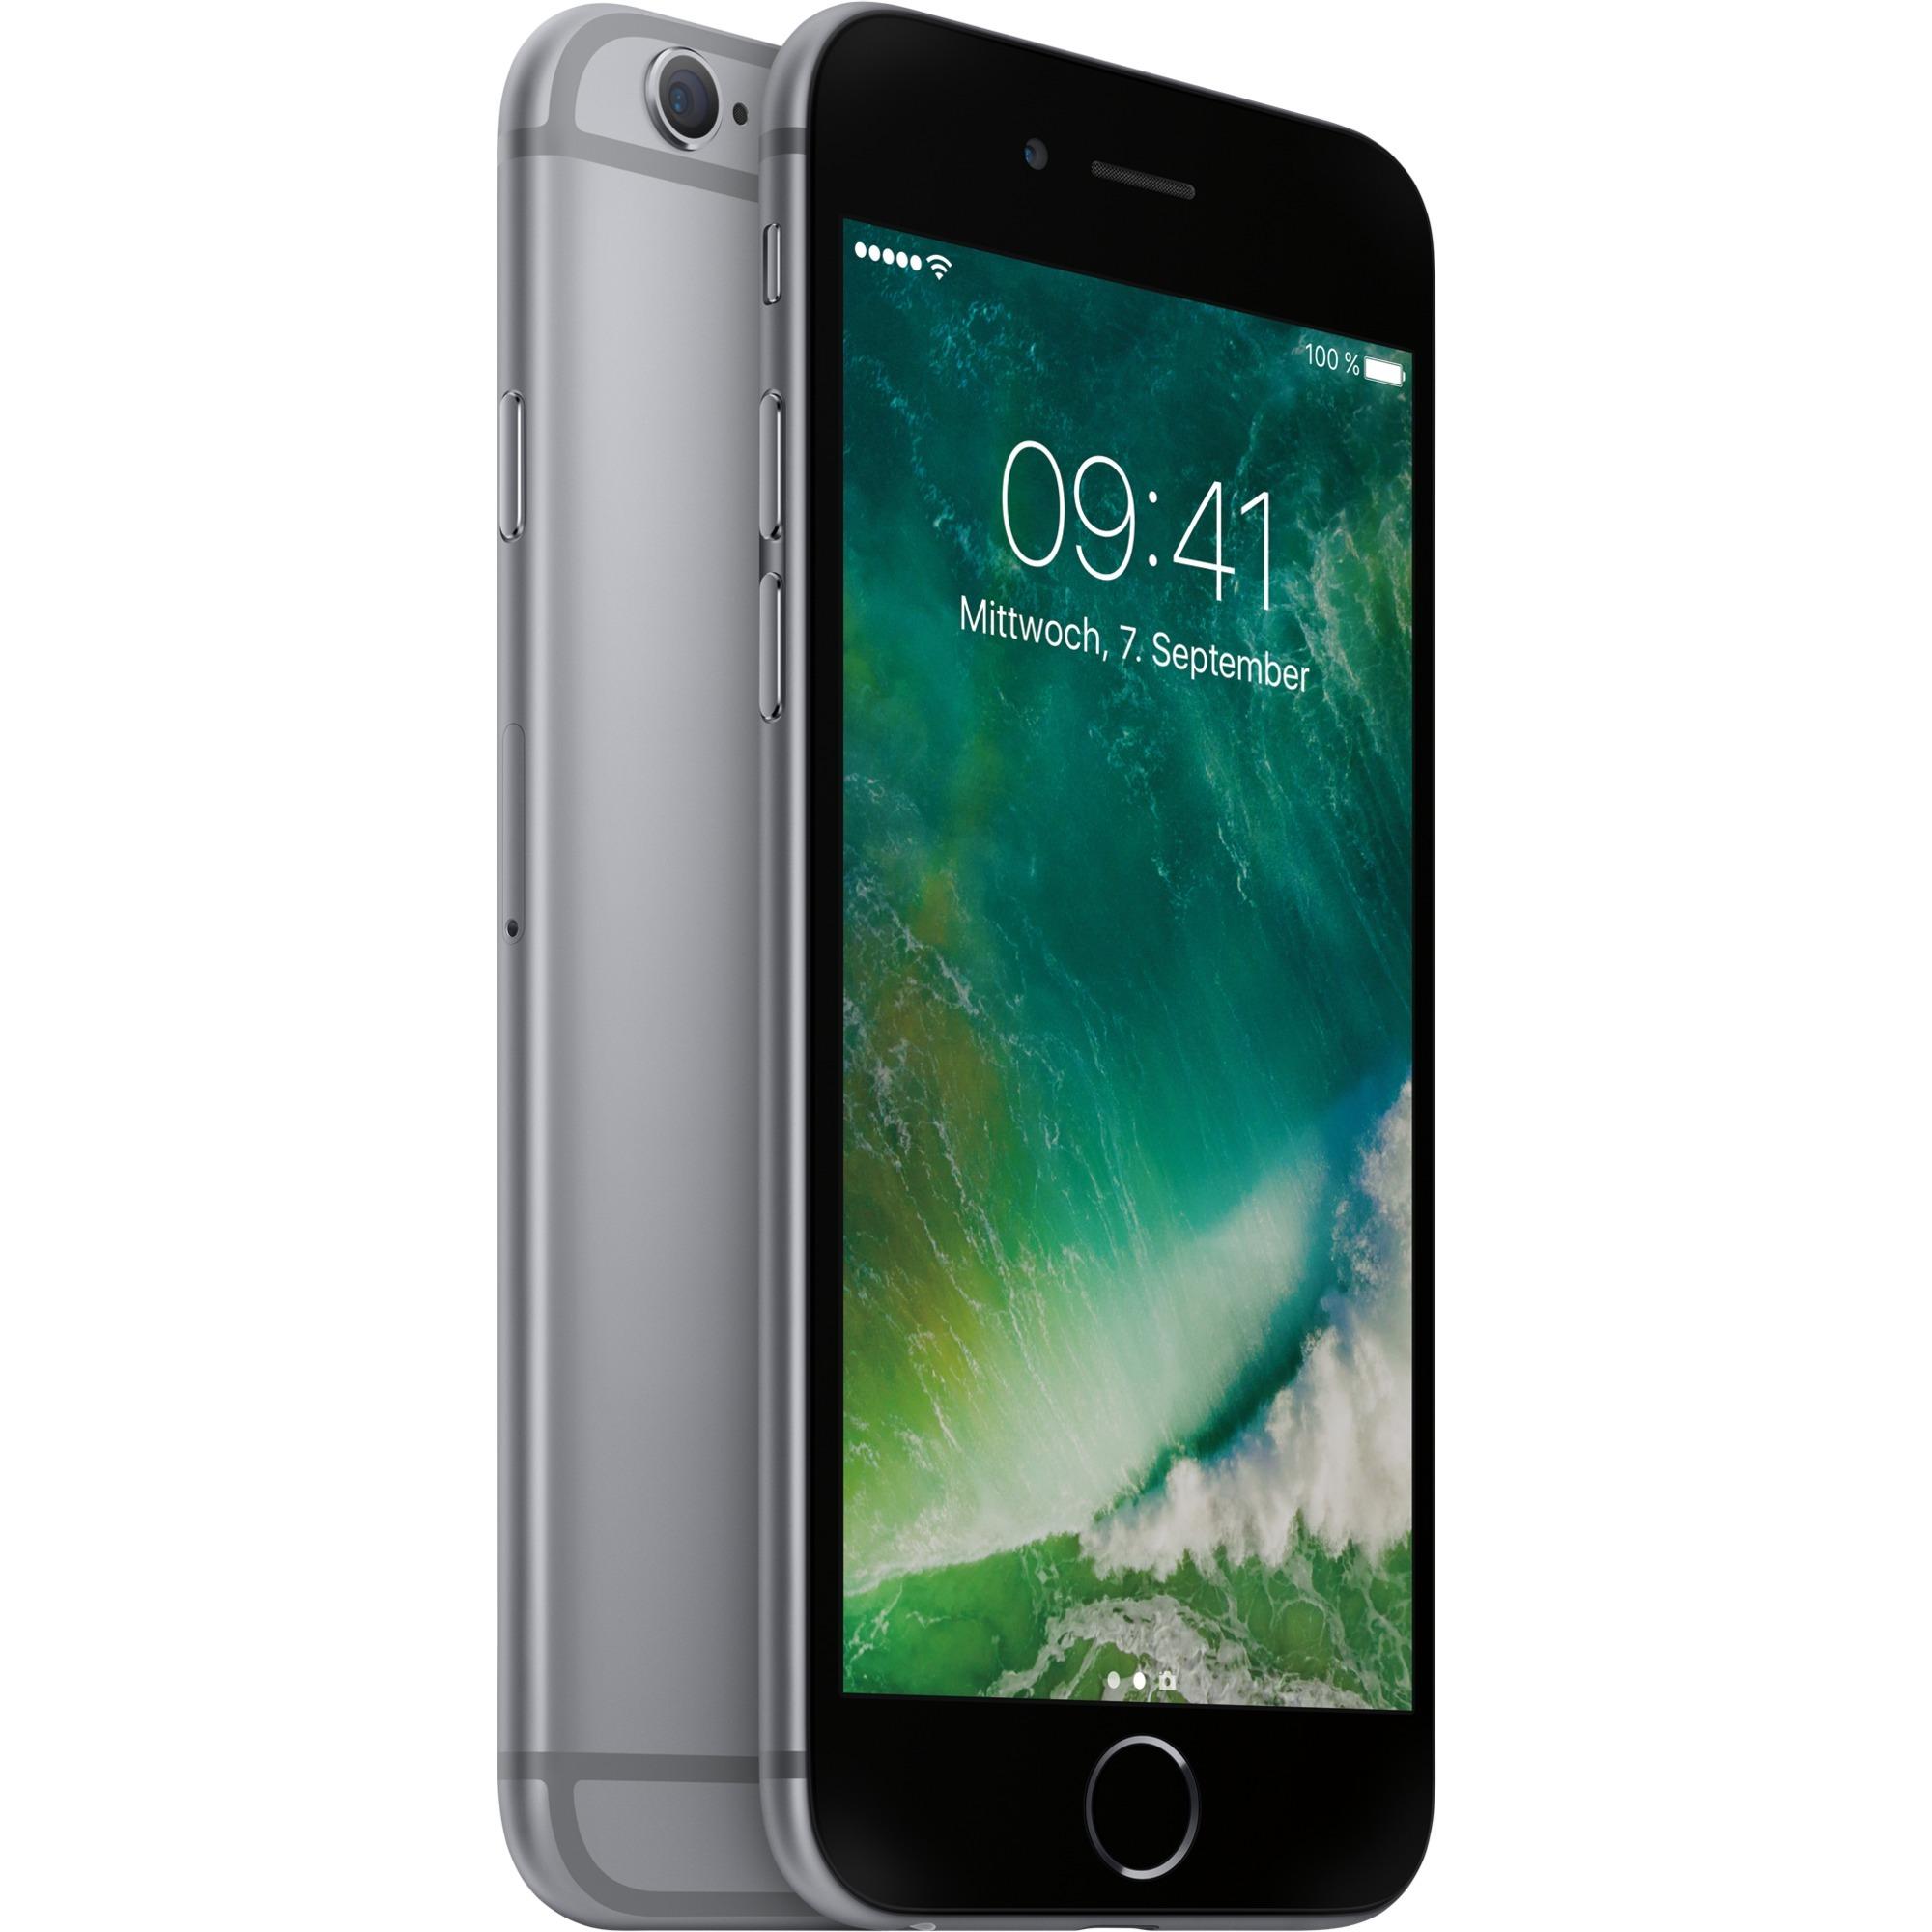 iphone 6s 64gb oro prezzo